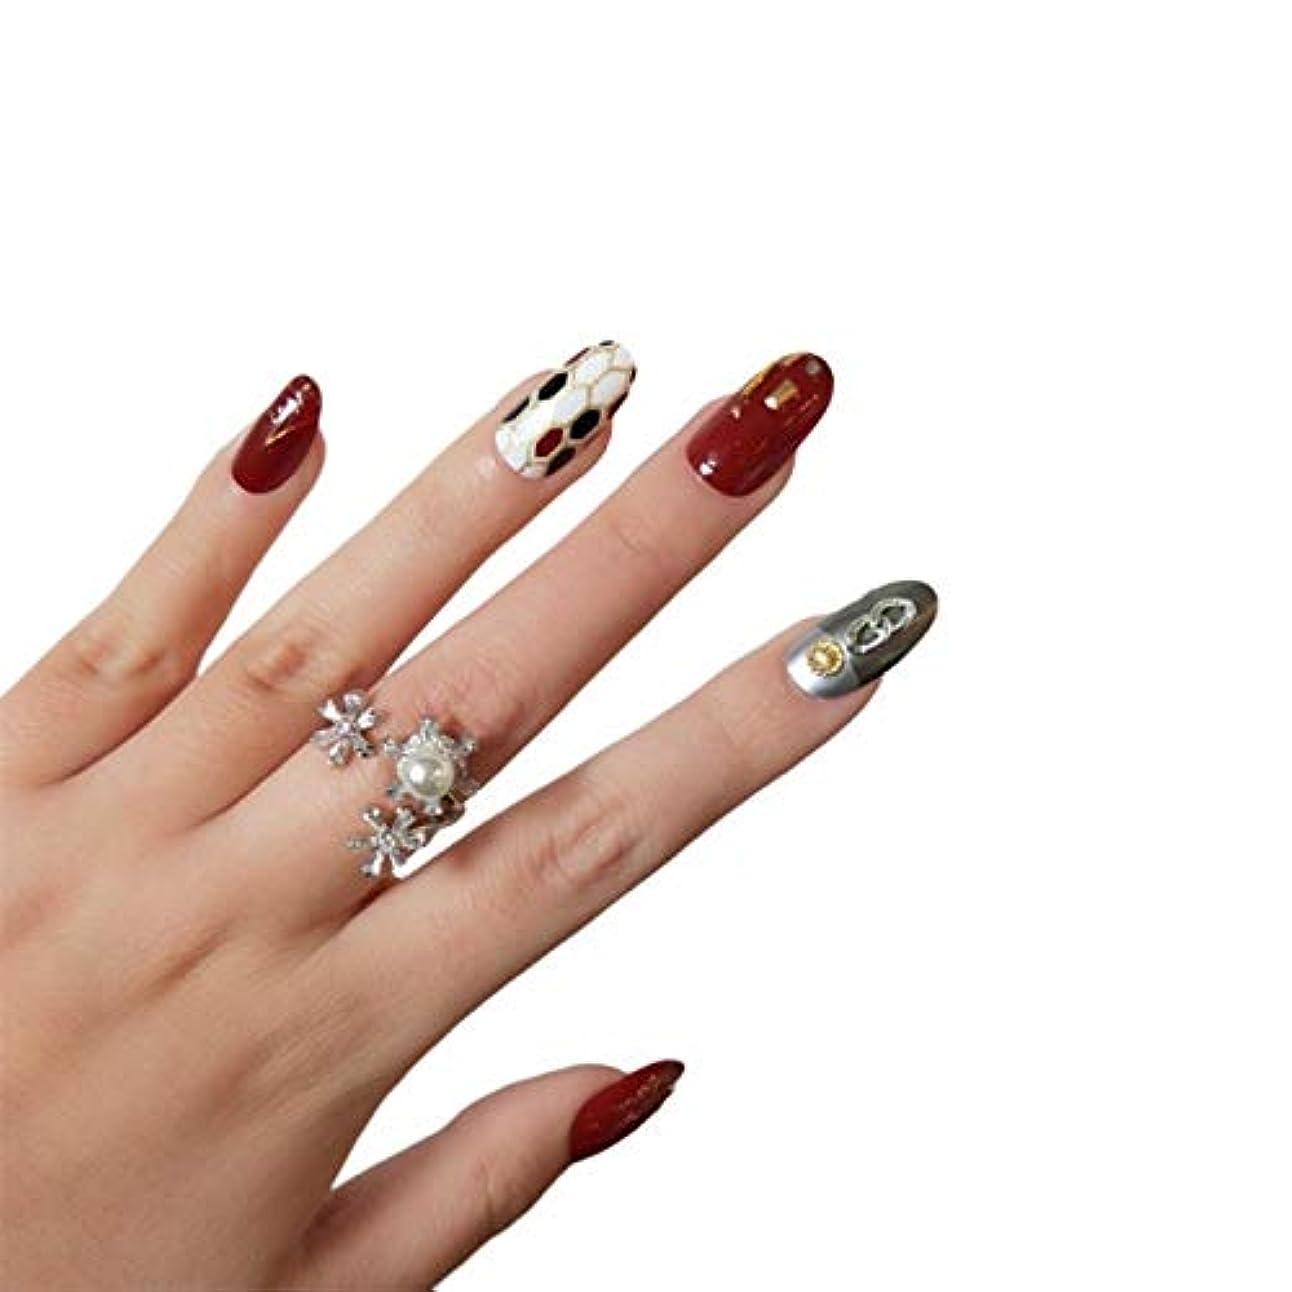 永遠のドメインスポークスマンVALEN Nail Patch ネイルチップ つけ爪 付け爪 つけ方簡単 ネイル デコネイルコレクション シール ハロウィン 母の日 パーティ 人気 毎日変身 24枚セット